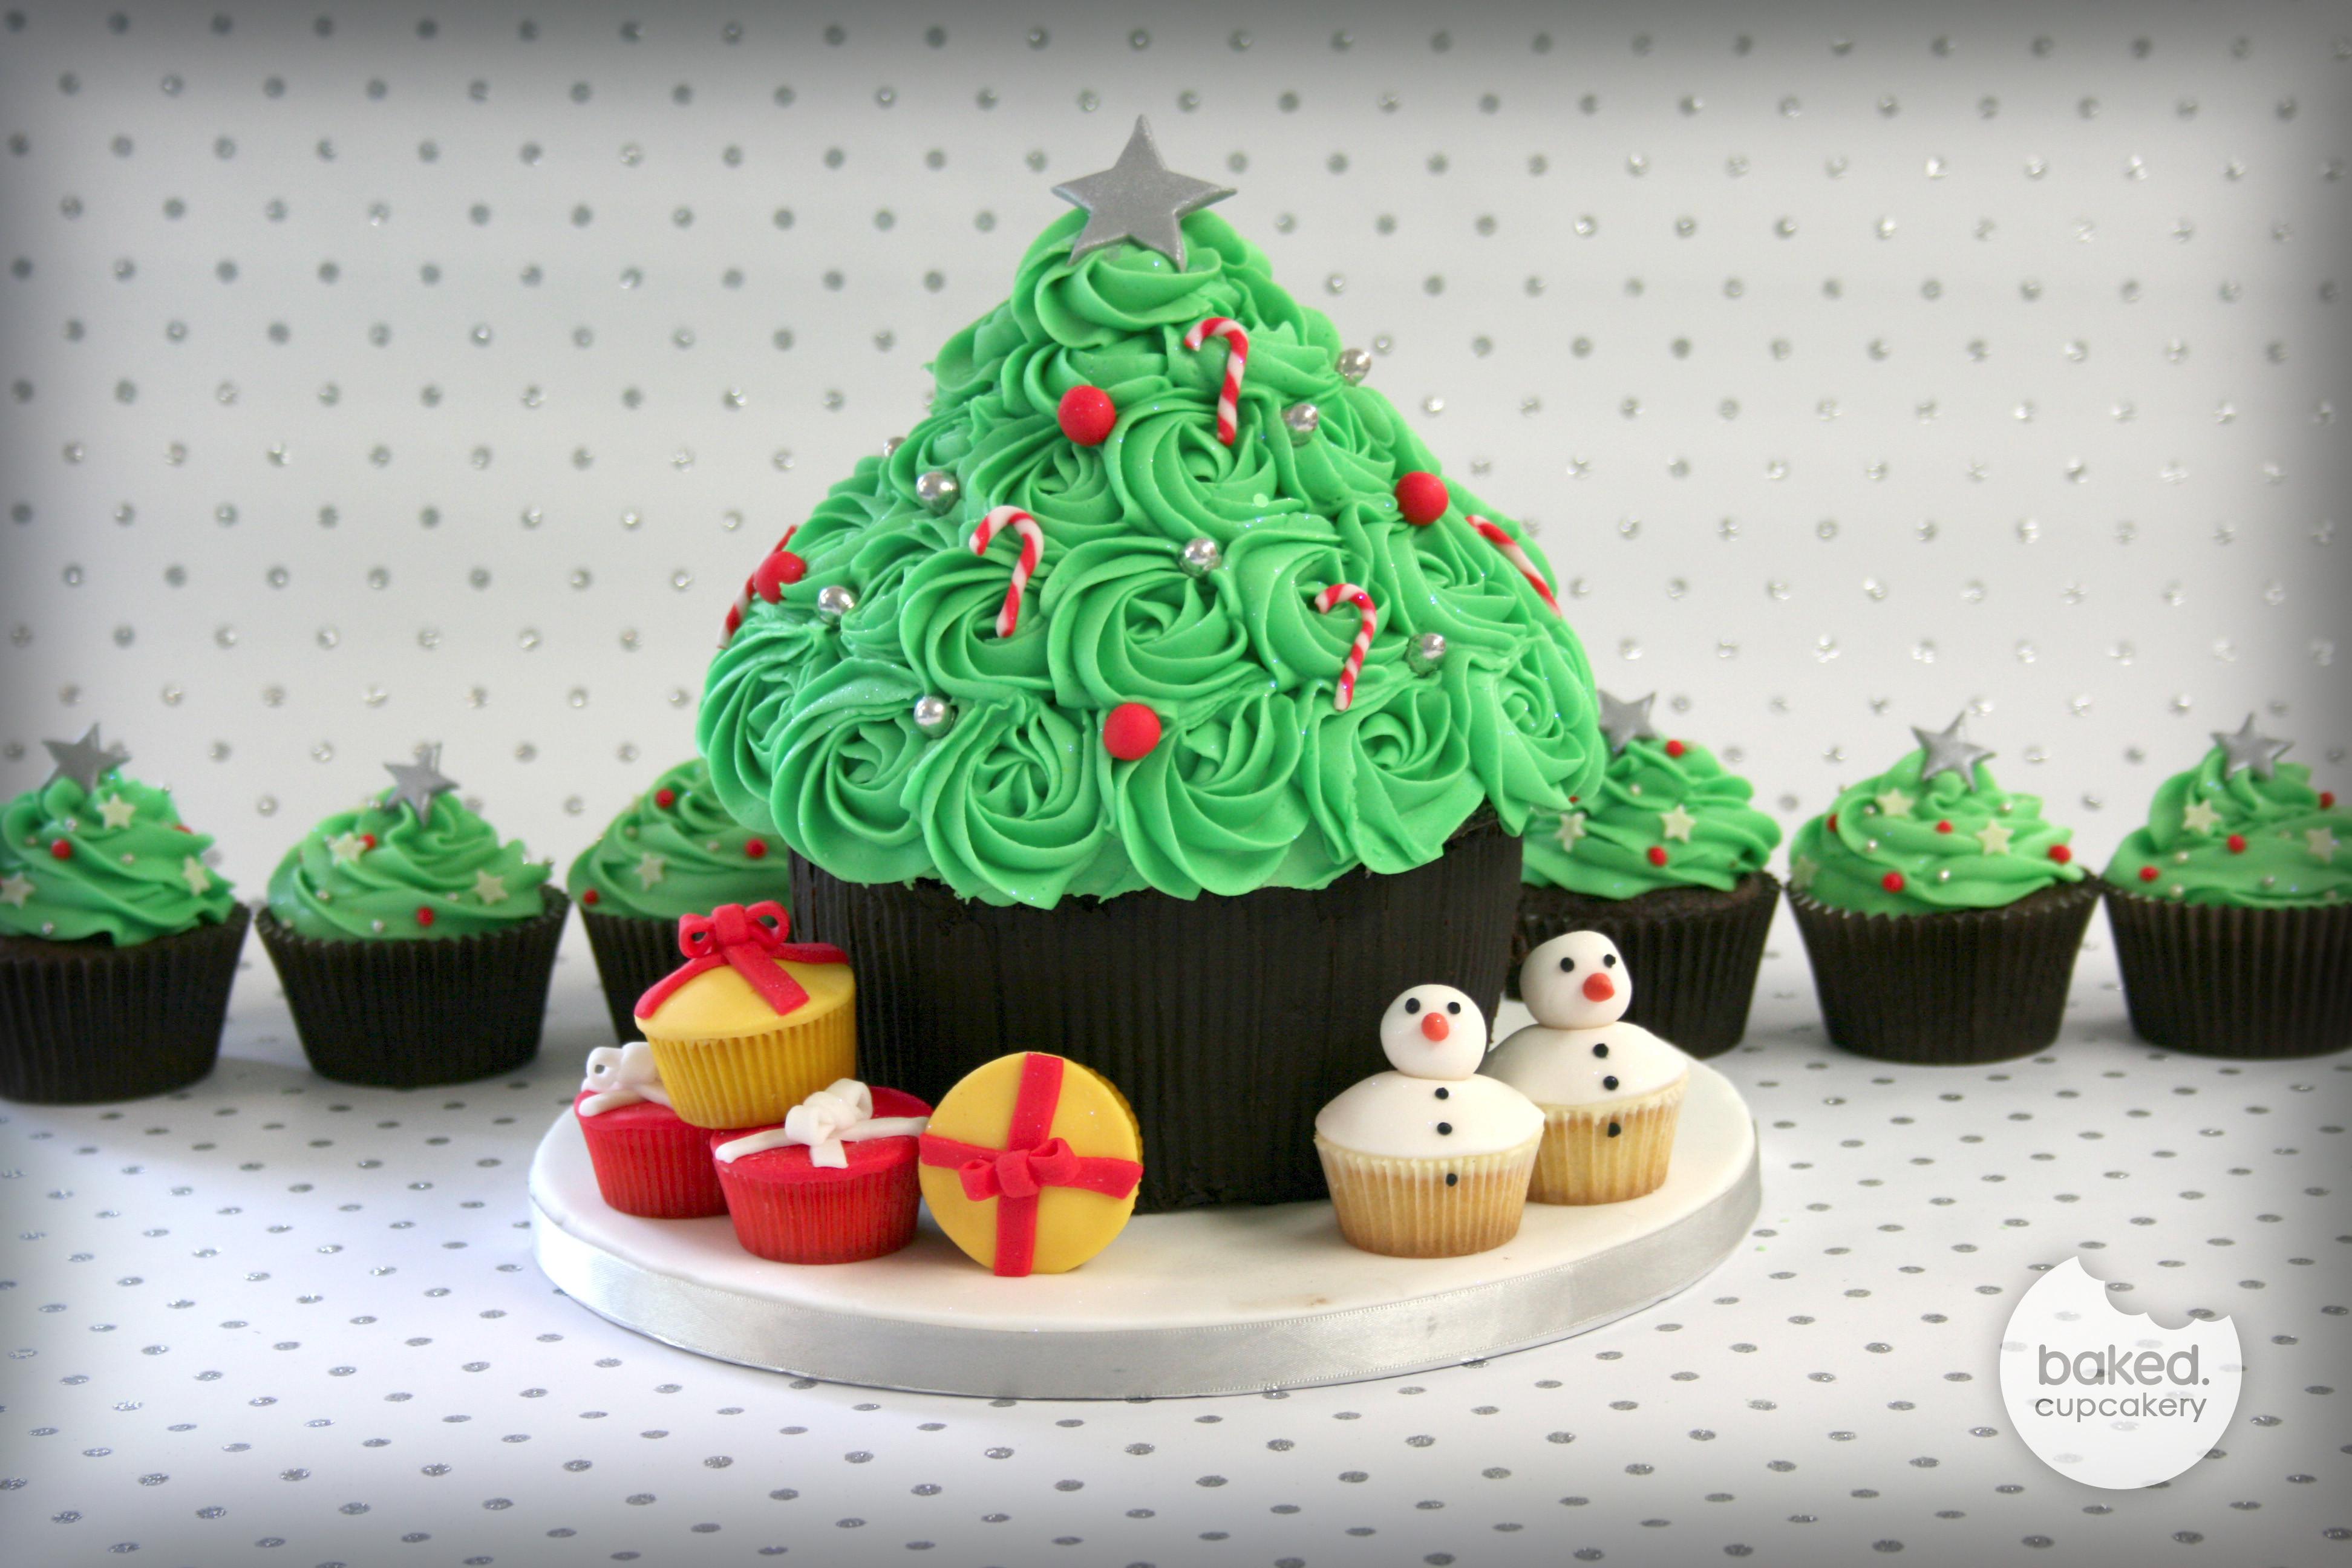 Christmas Cake And Cupcakes  A Cupcake Christmas – Baked